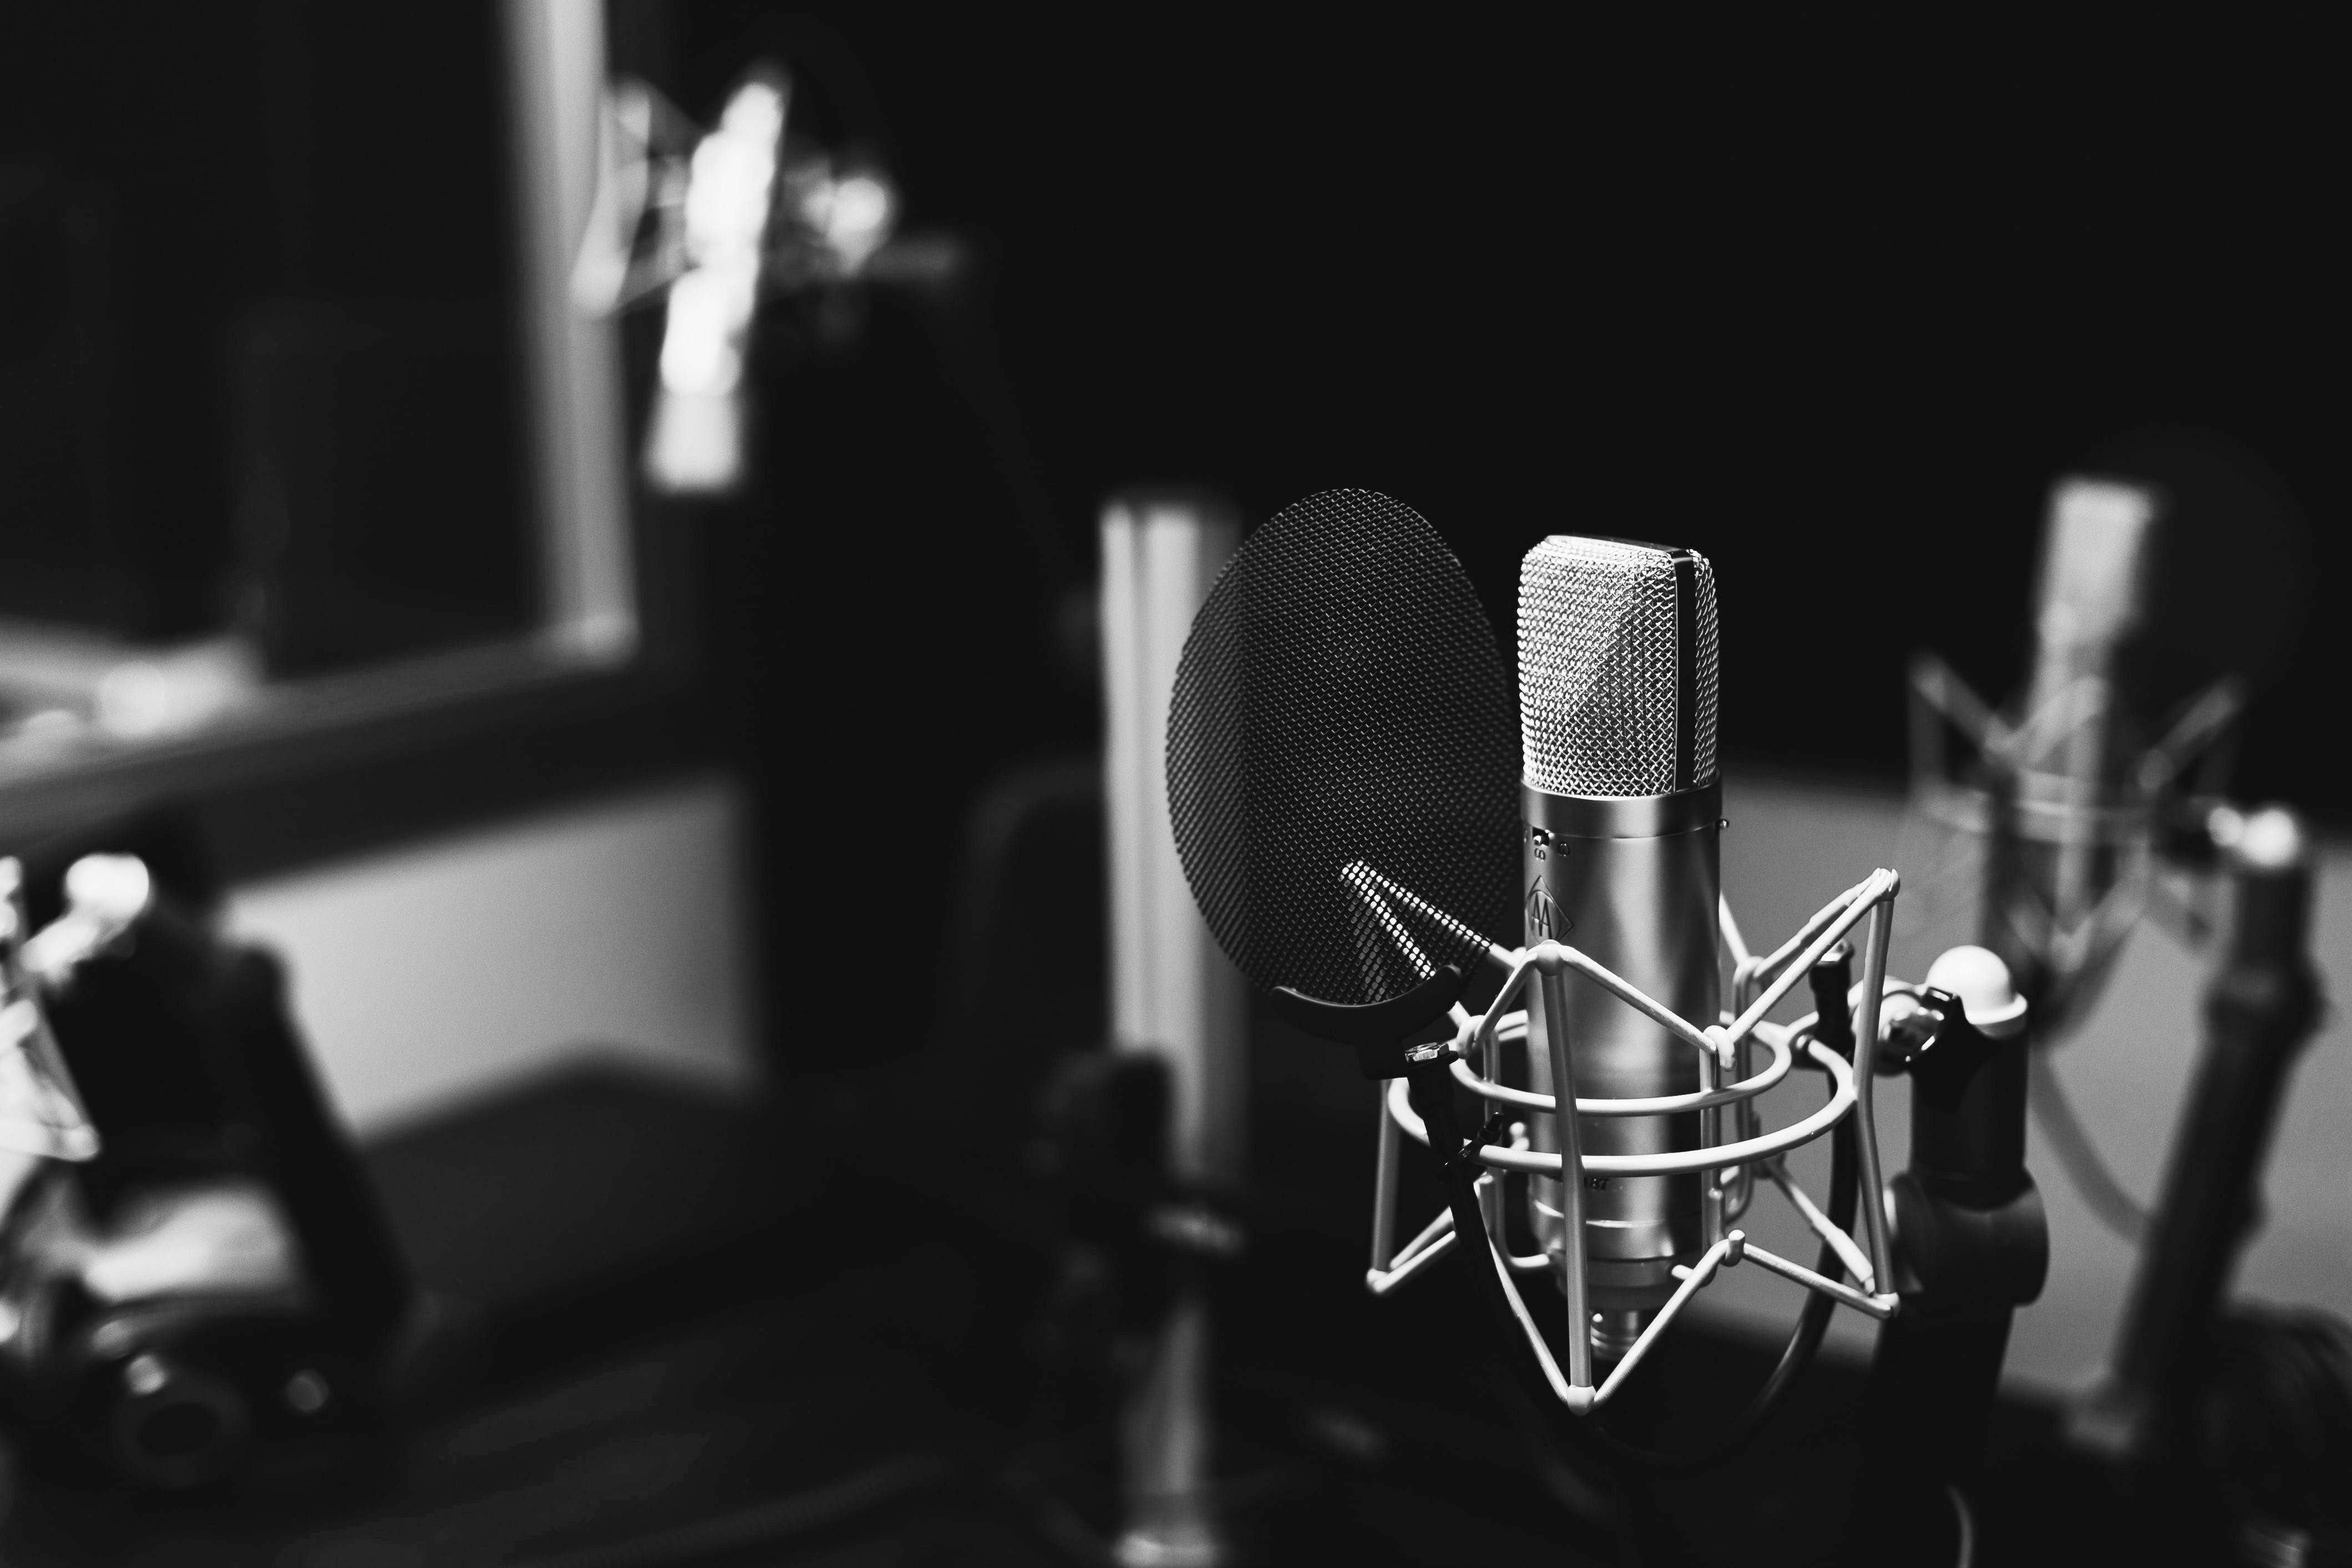 Neue Podcastfolge: Im Gespräch über IT2match